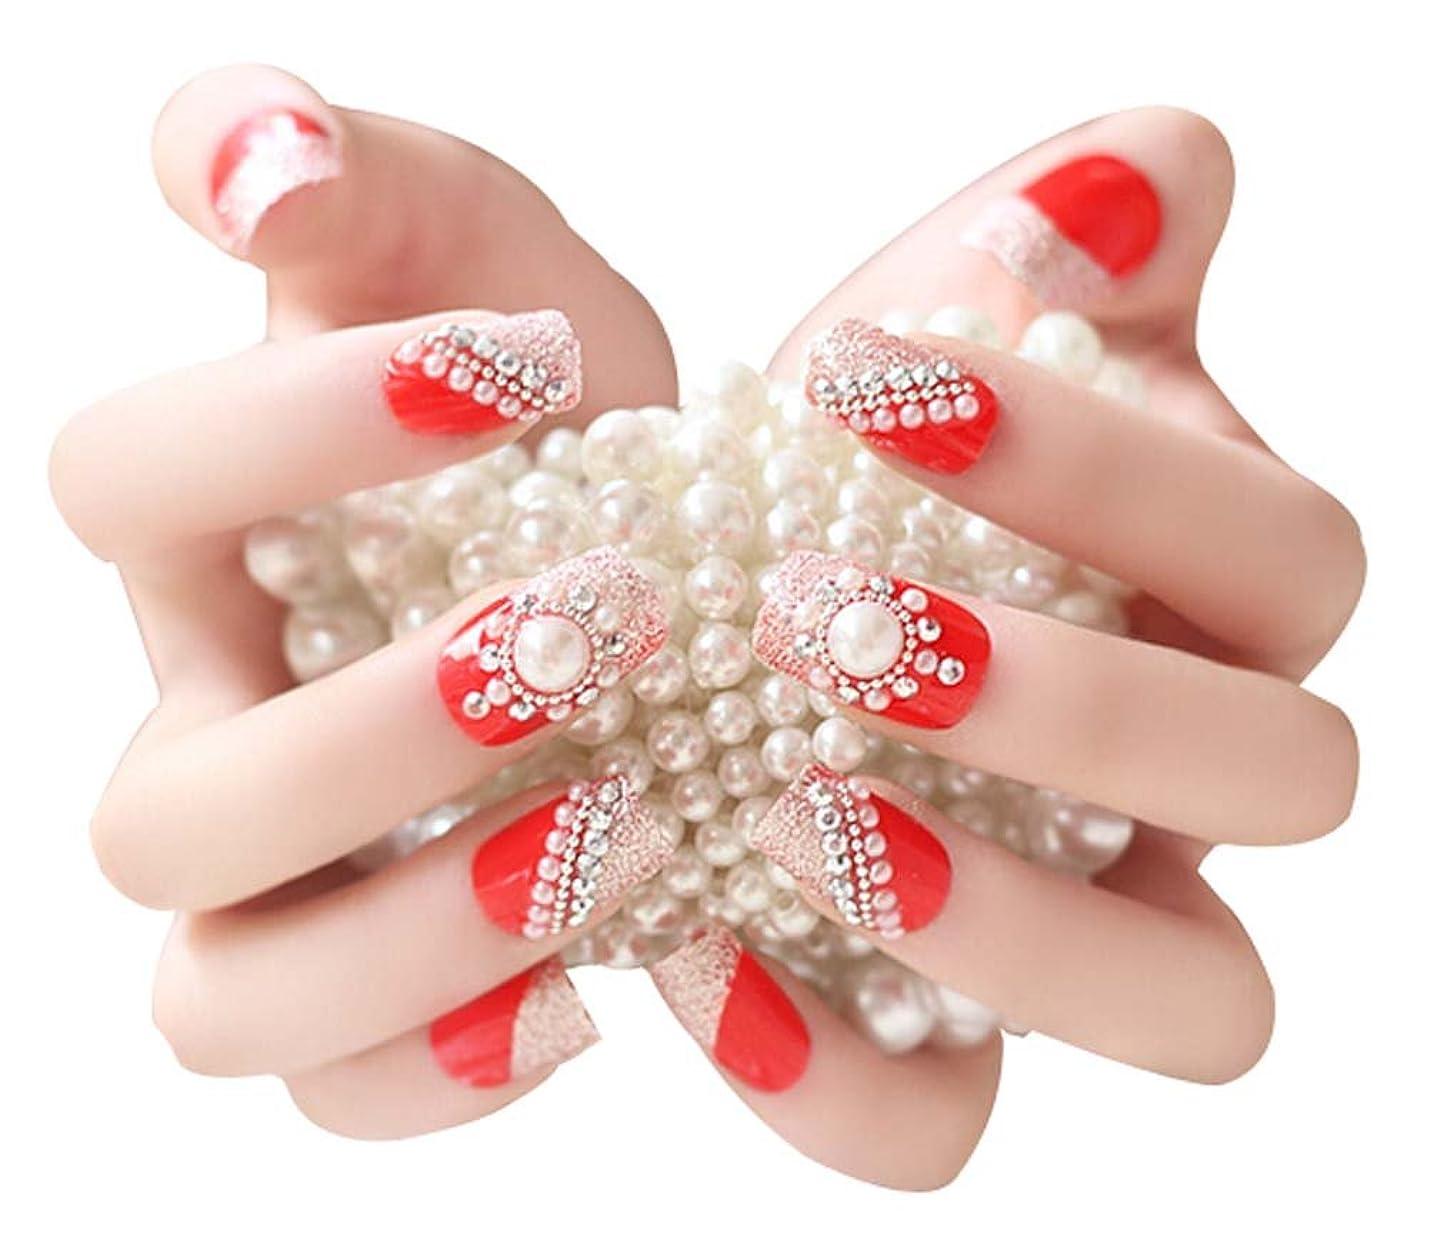 堀ケーブルカージェム人工真珠ラインストーンつけ爪結婚式のメイクアップネイルアート、赤、2パック - 48枚